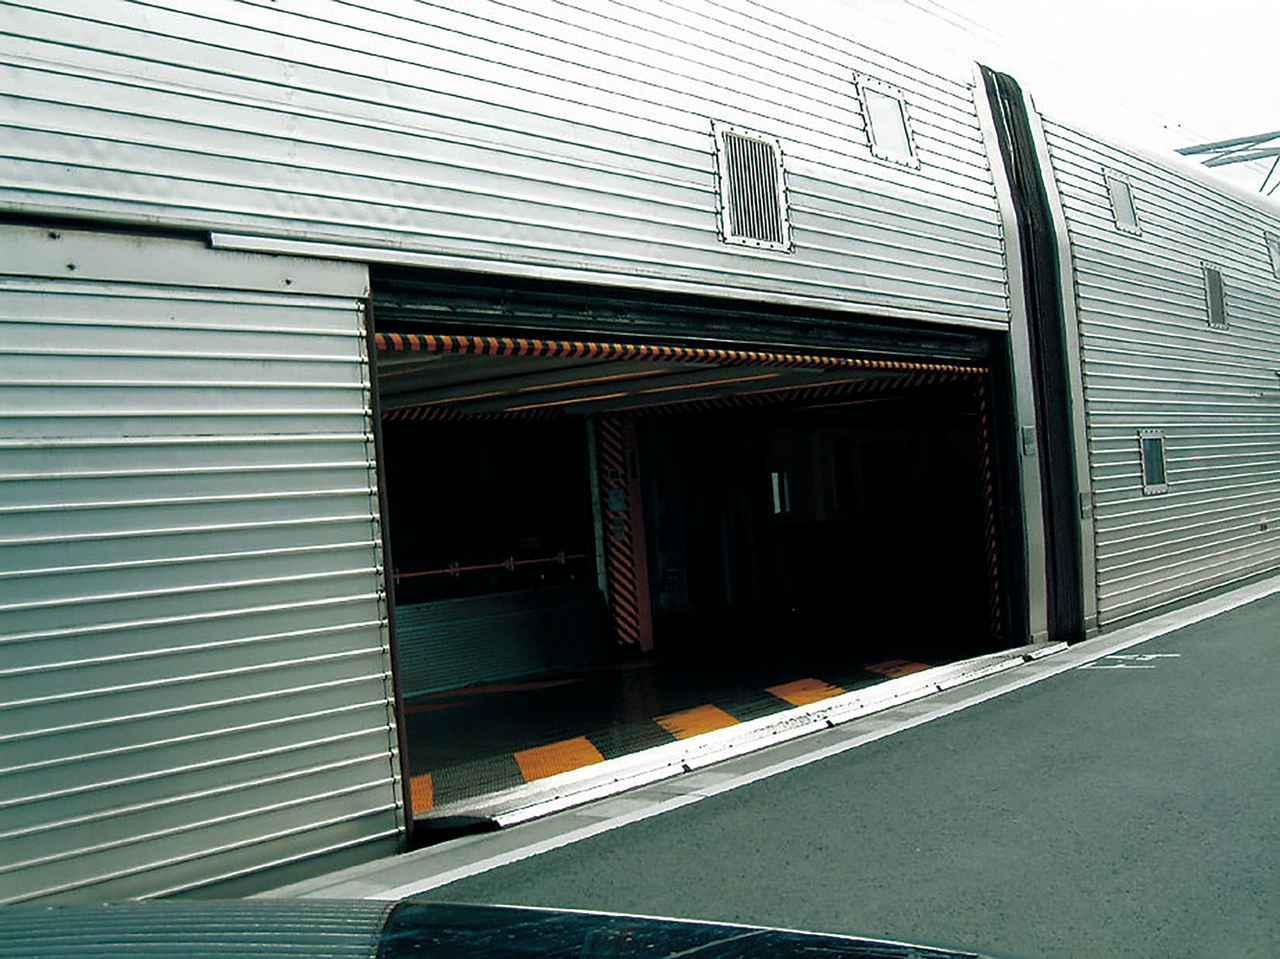 画像: 「ル・シャトル(Le Shuttle)」と呼ばれるユーロトンネルの車両輸送用列車。これはクルマが乗車するための車両で、ここから入って列車内の指定駐車場所まで車内を走る。2階建て構造を備える。